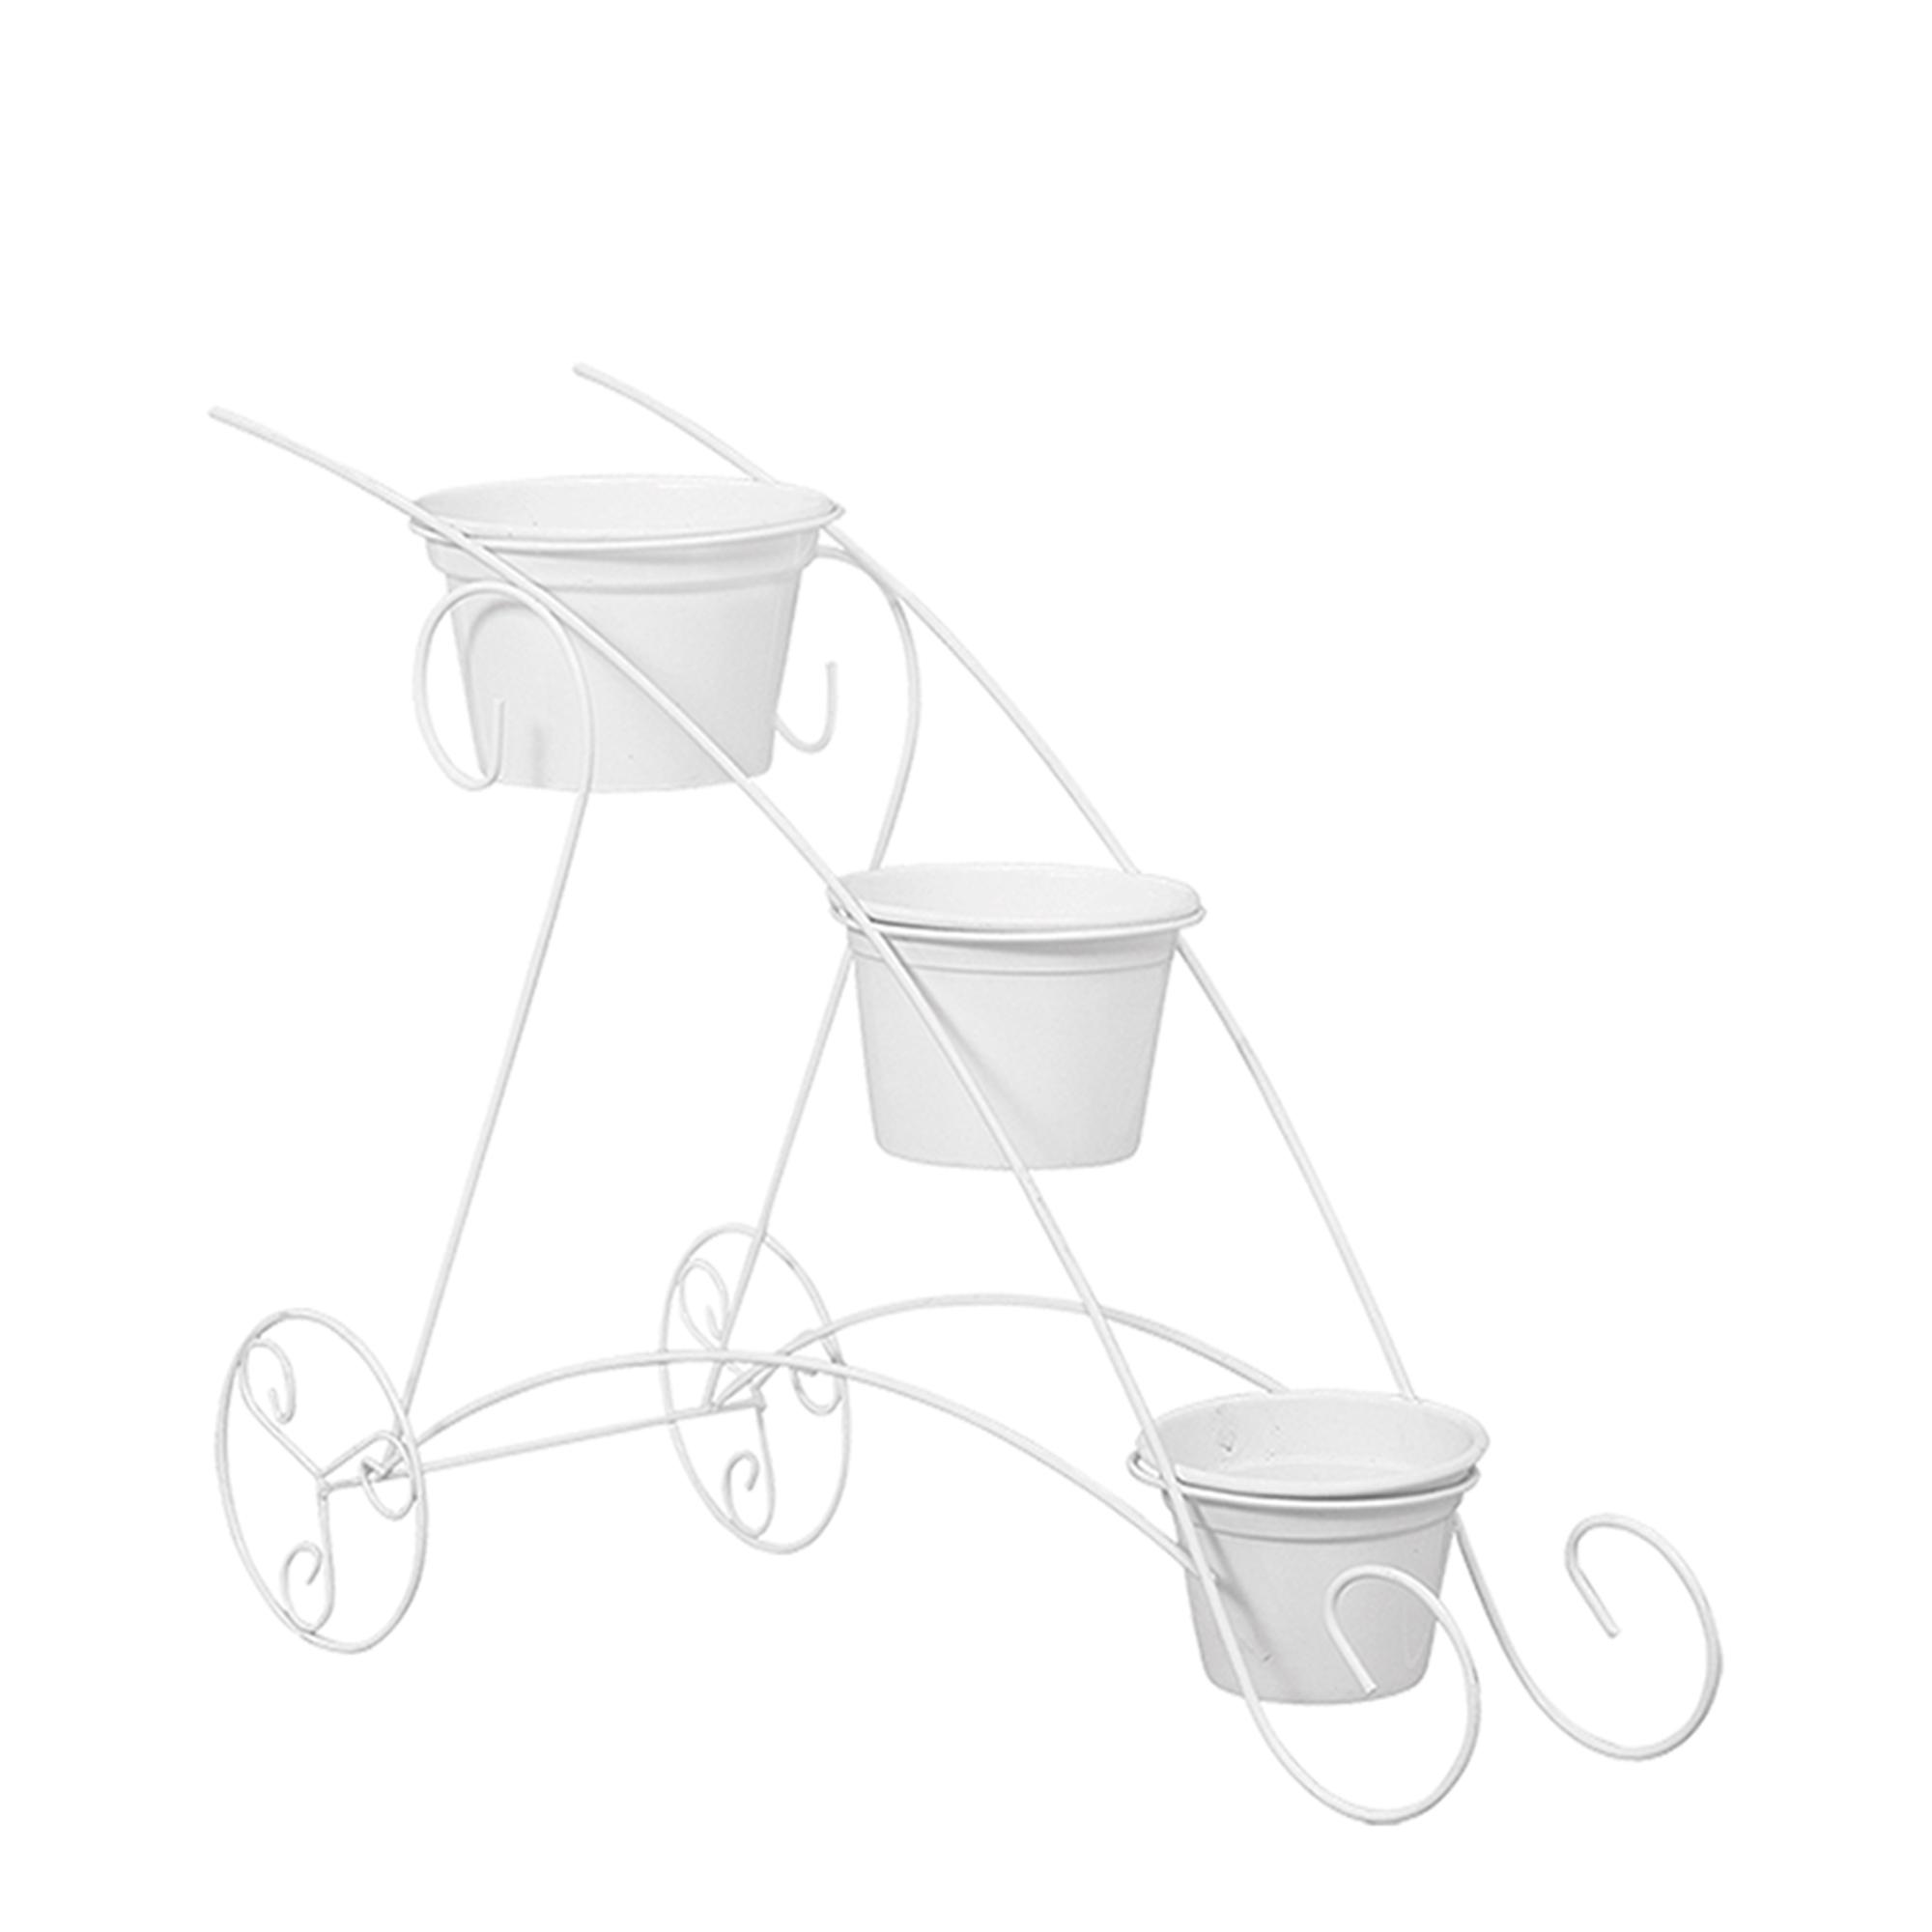 Carrinho c/ 3 Vasos Aluminio